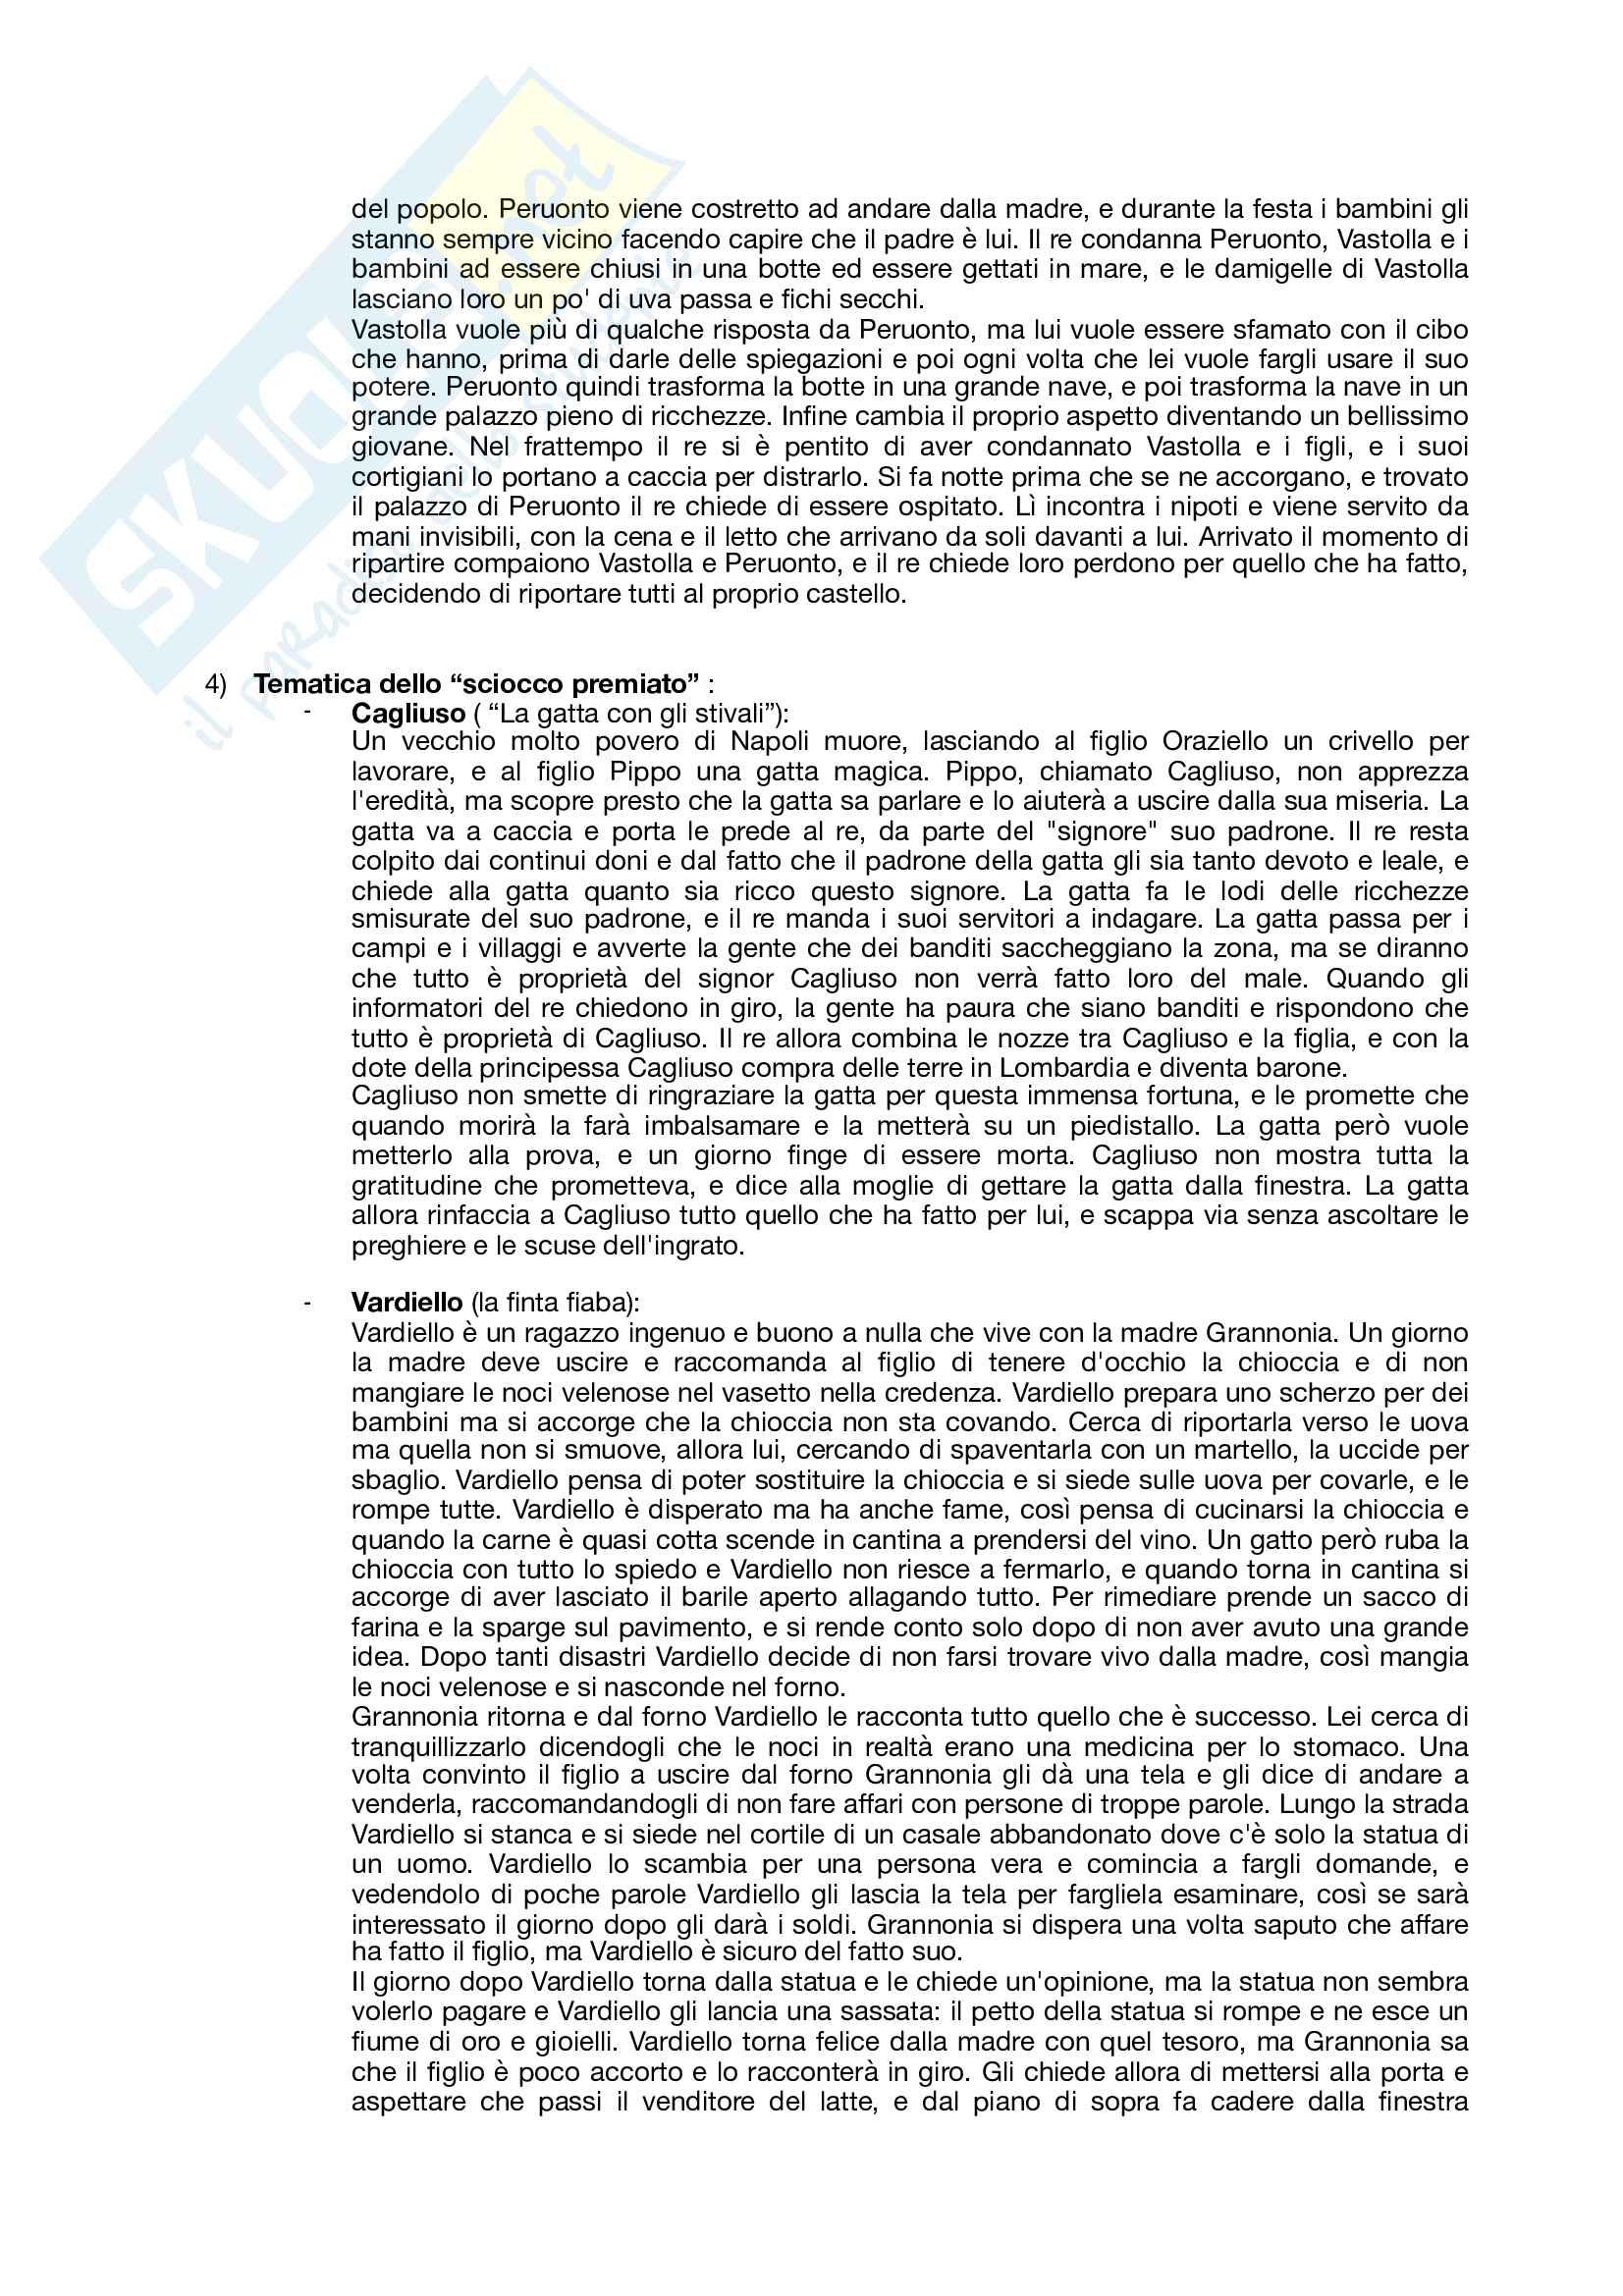 Appunti Letteratura per ragazzi (versione più dettagliata) Pag. 11